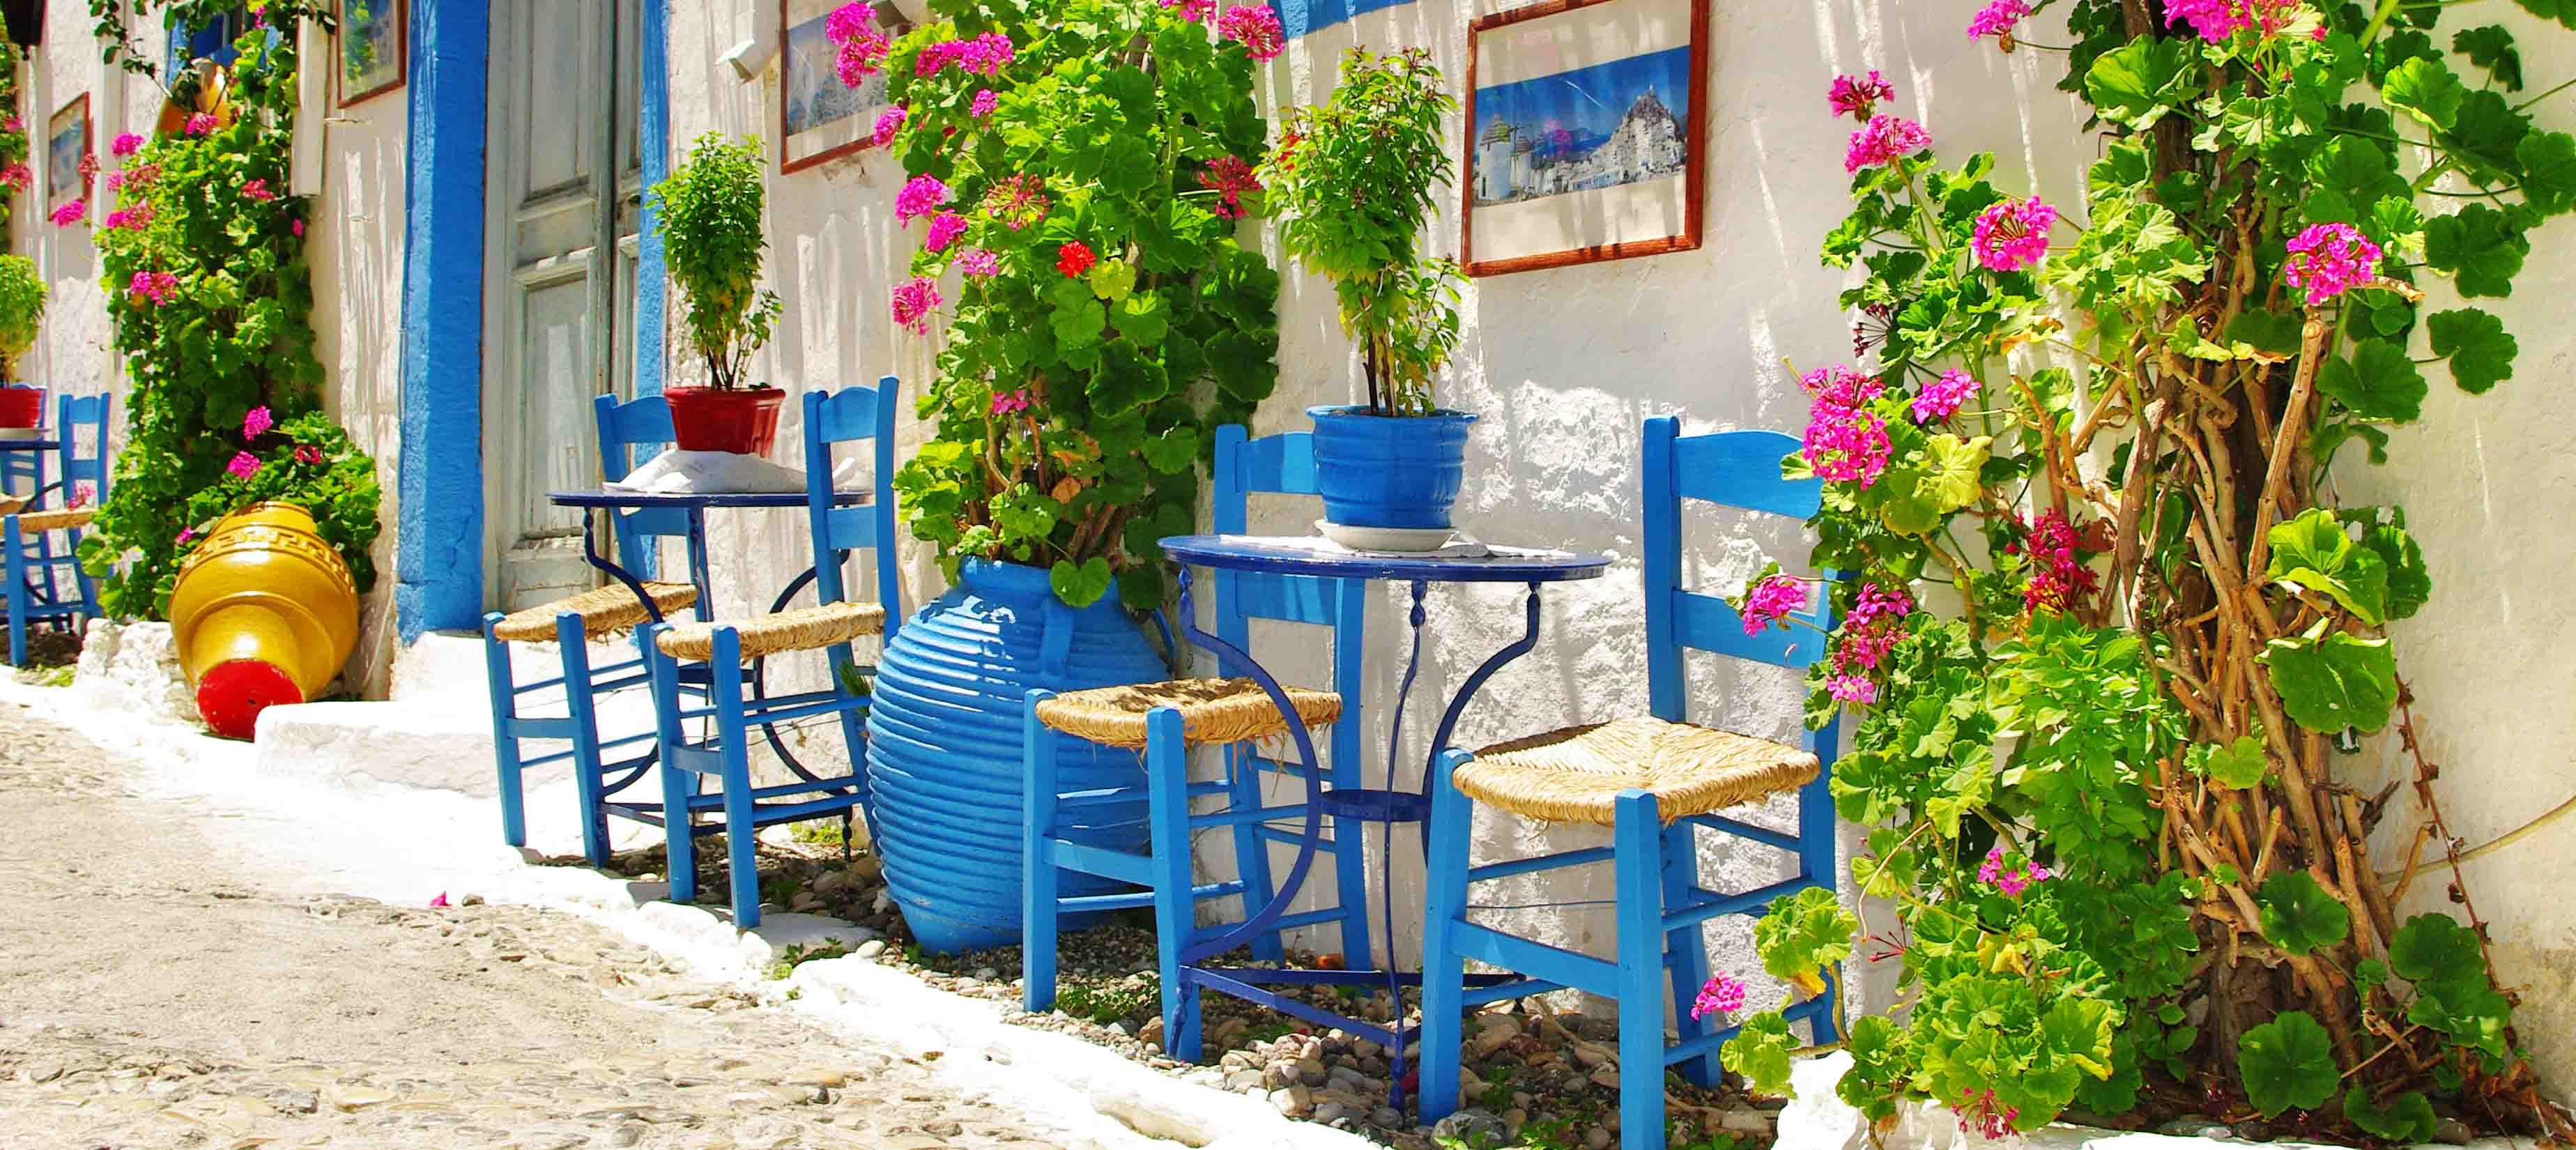 Klassisk arkitektur på Kreta, Grækenland